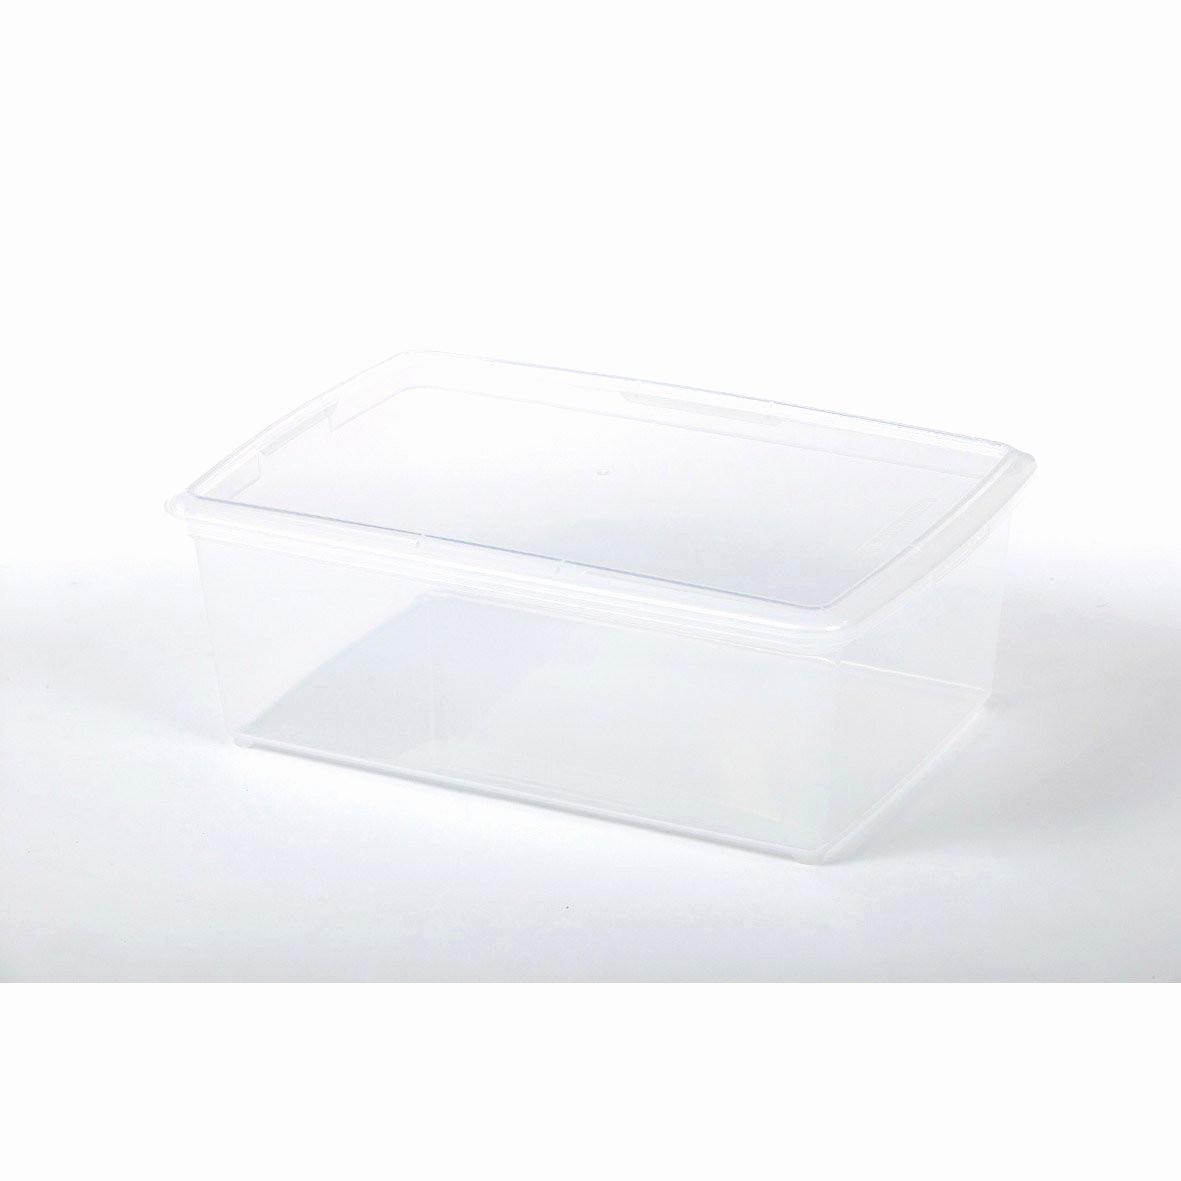 caisse de rangement plastique brico depot elegant caisse de rangement plastique brico depot avec etagere bois brico of caisse de rangement plastique brico depot